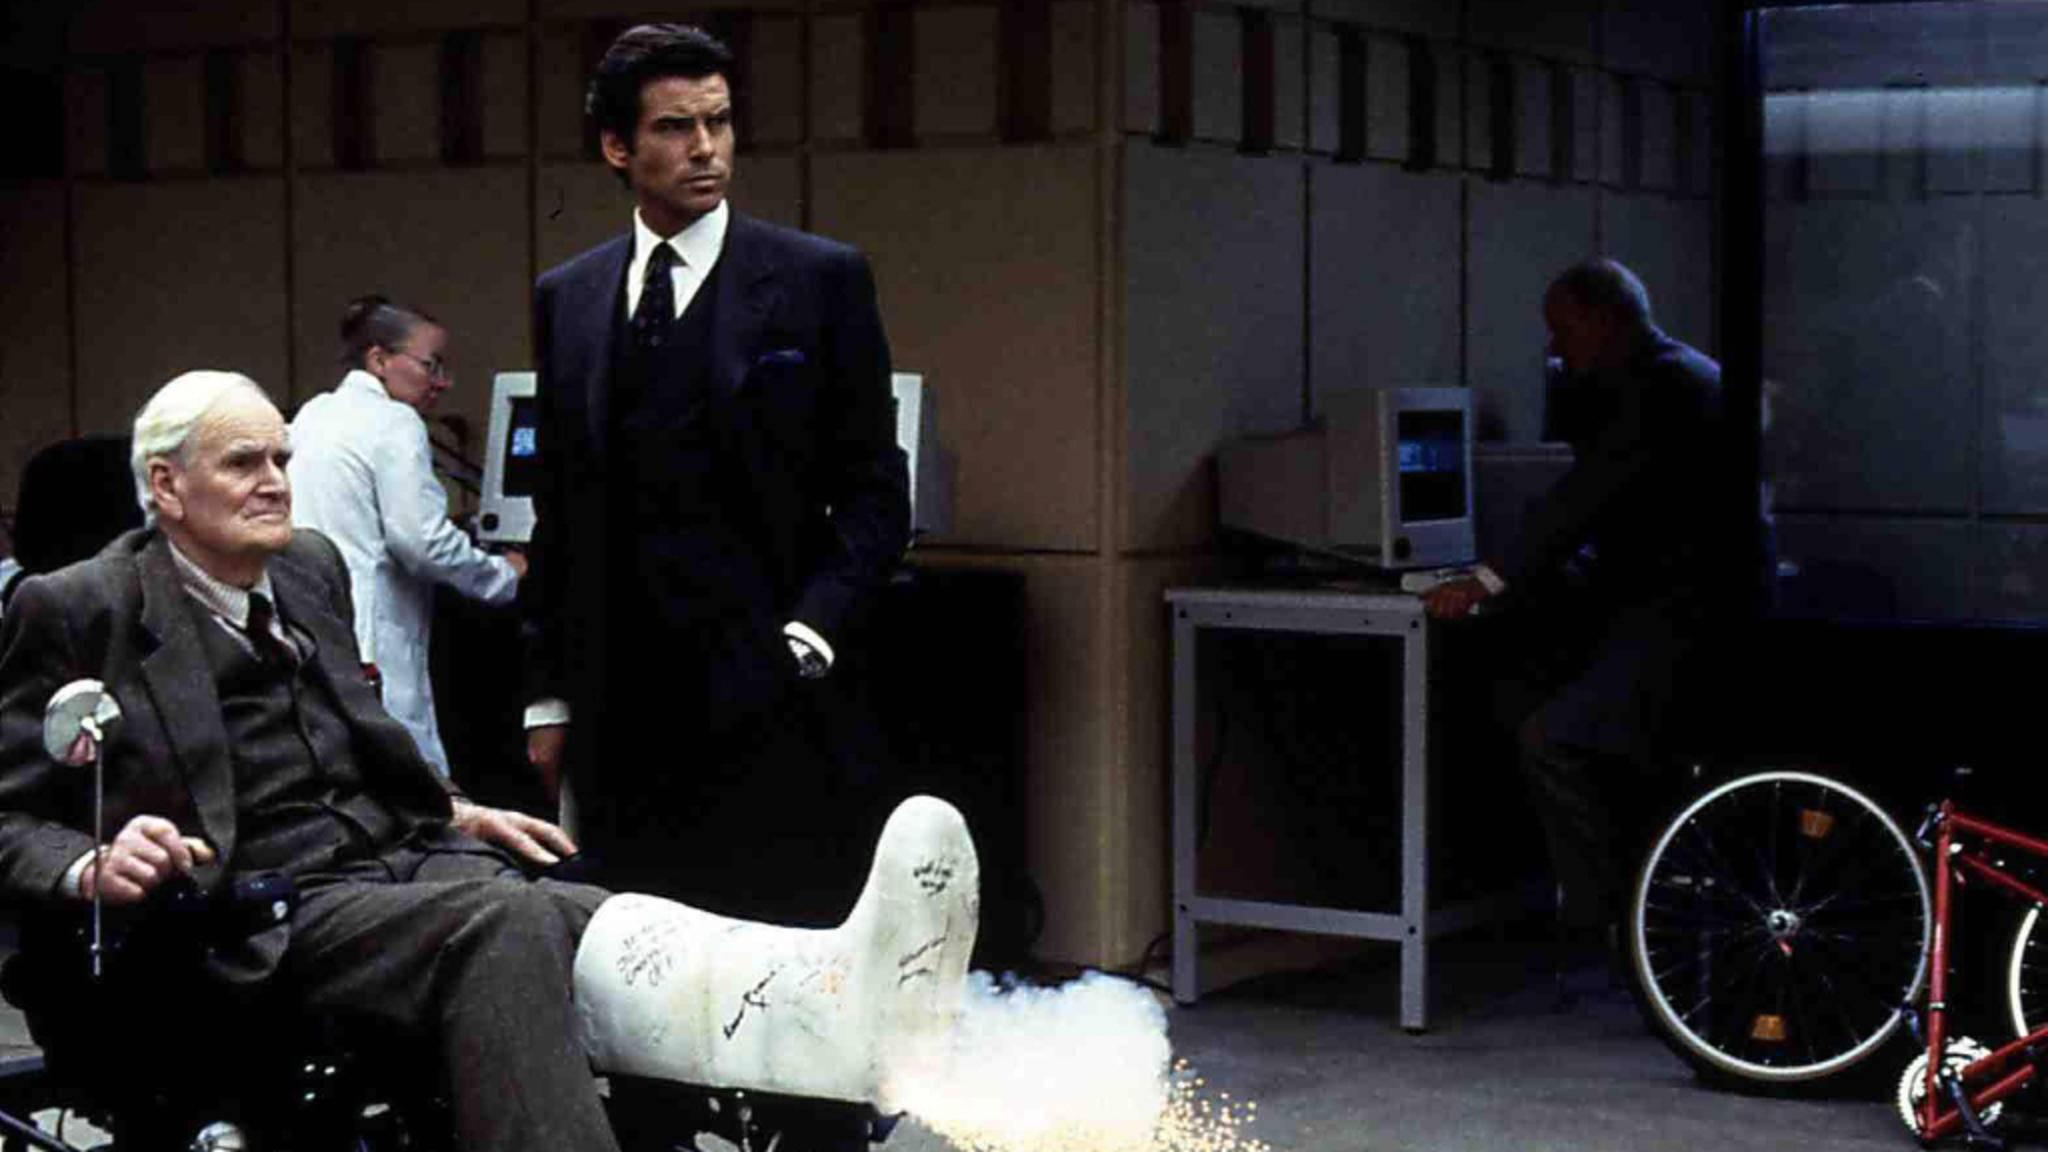 James Bond gadgets